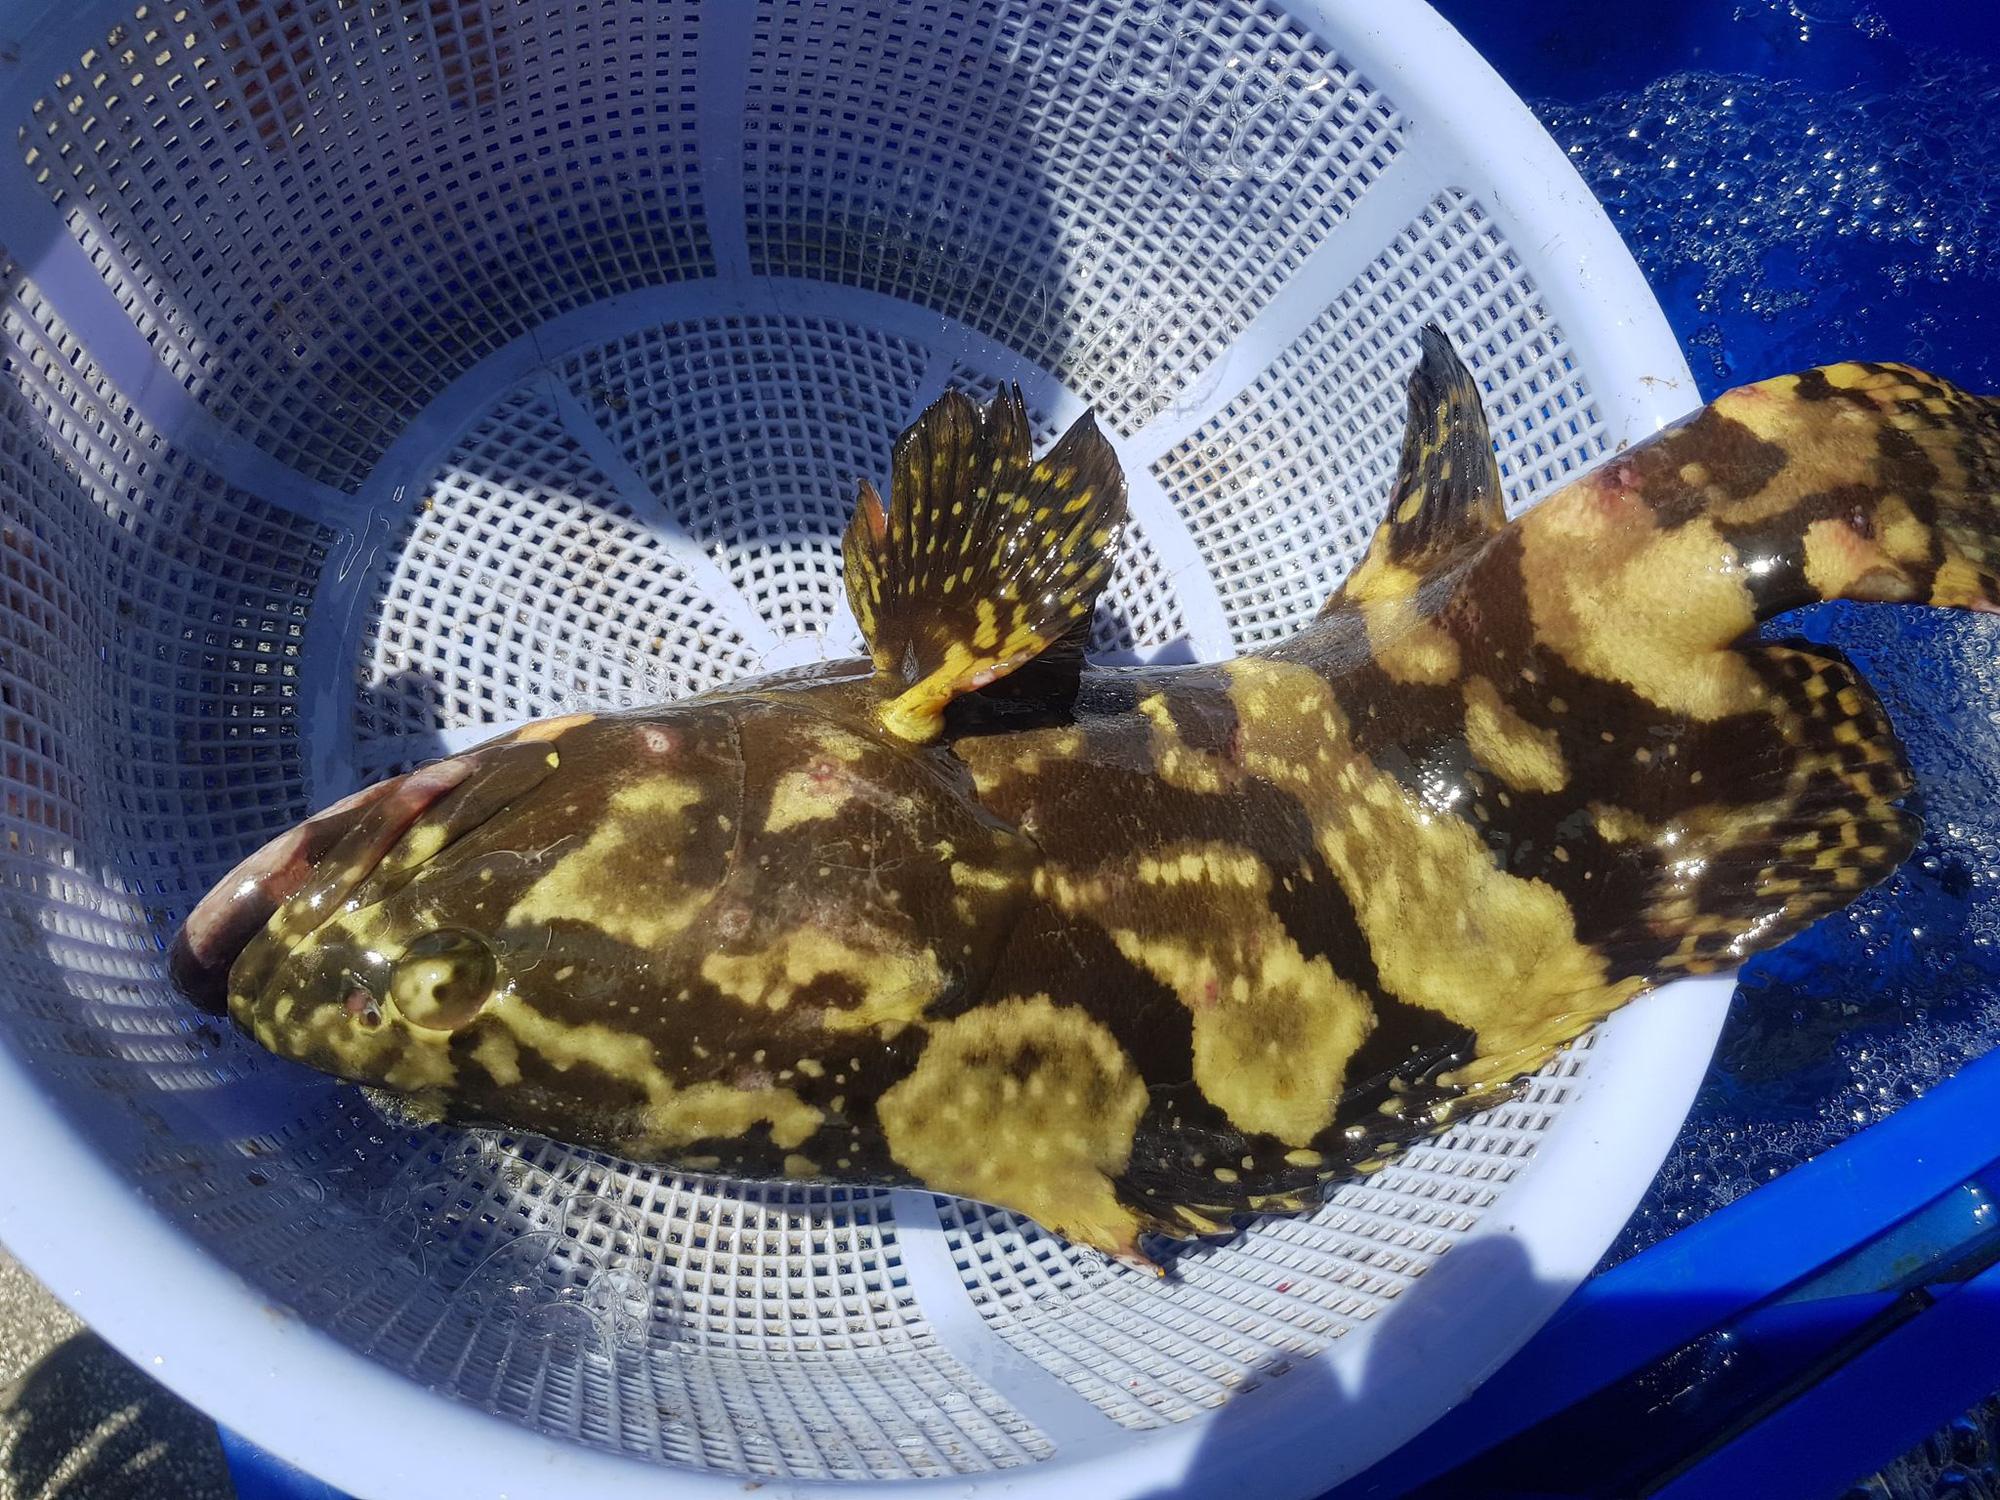 Cả ngàn tấn cá mú bí đầu ra, giá giảm một nửa vẫn khó giải cứu - Ảnh 4.